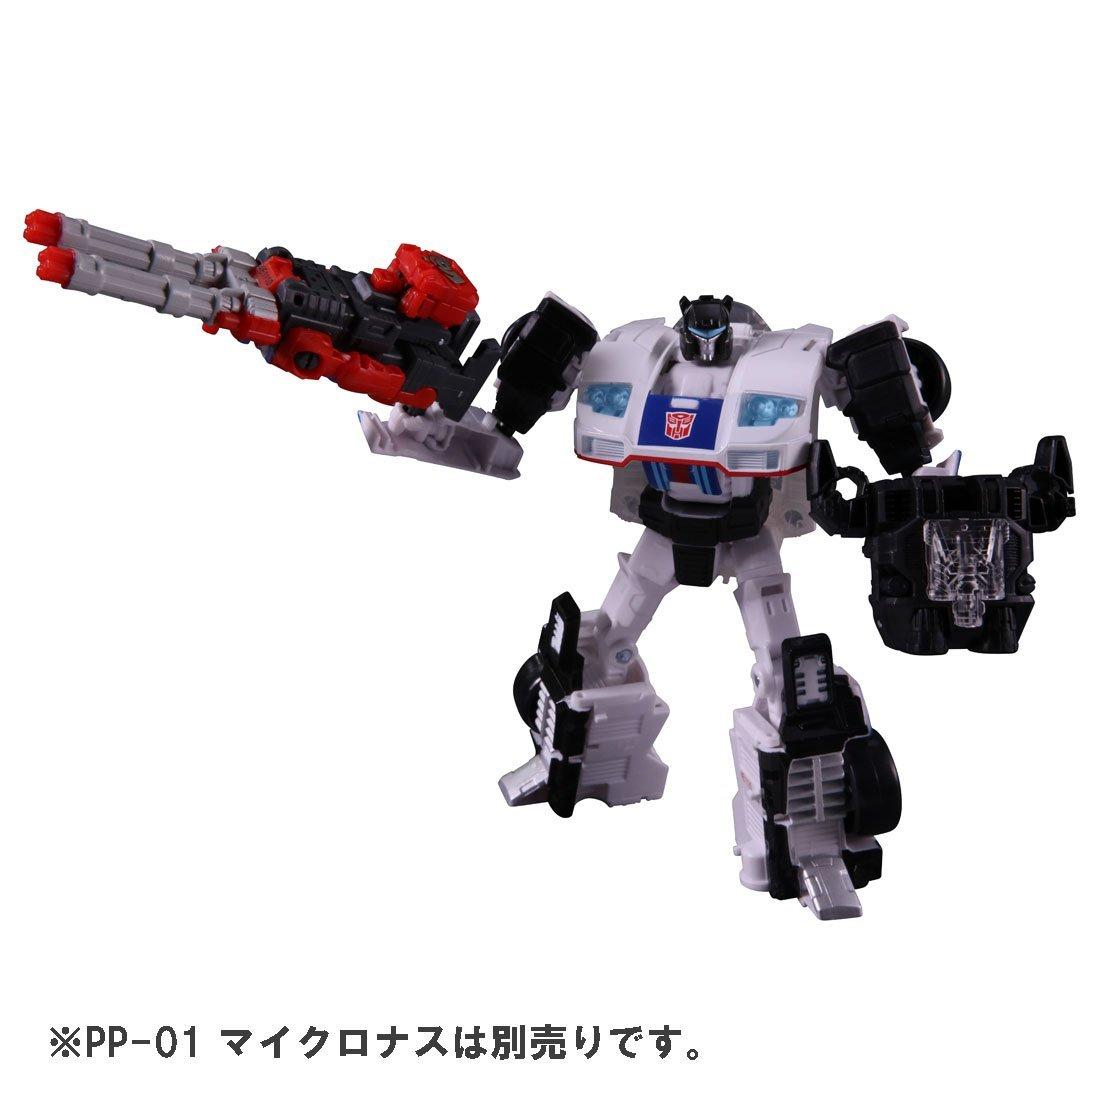 トランスフォーマー パワーオブザプライム PP-07 オートボットジャズ-006